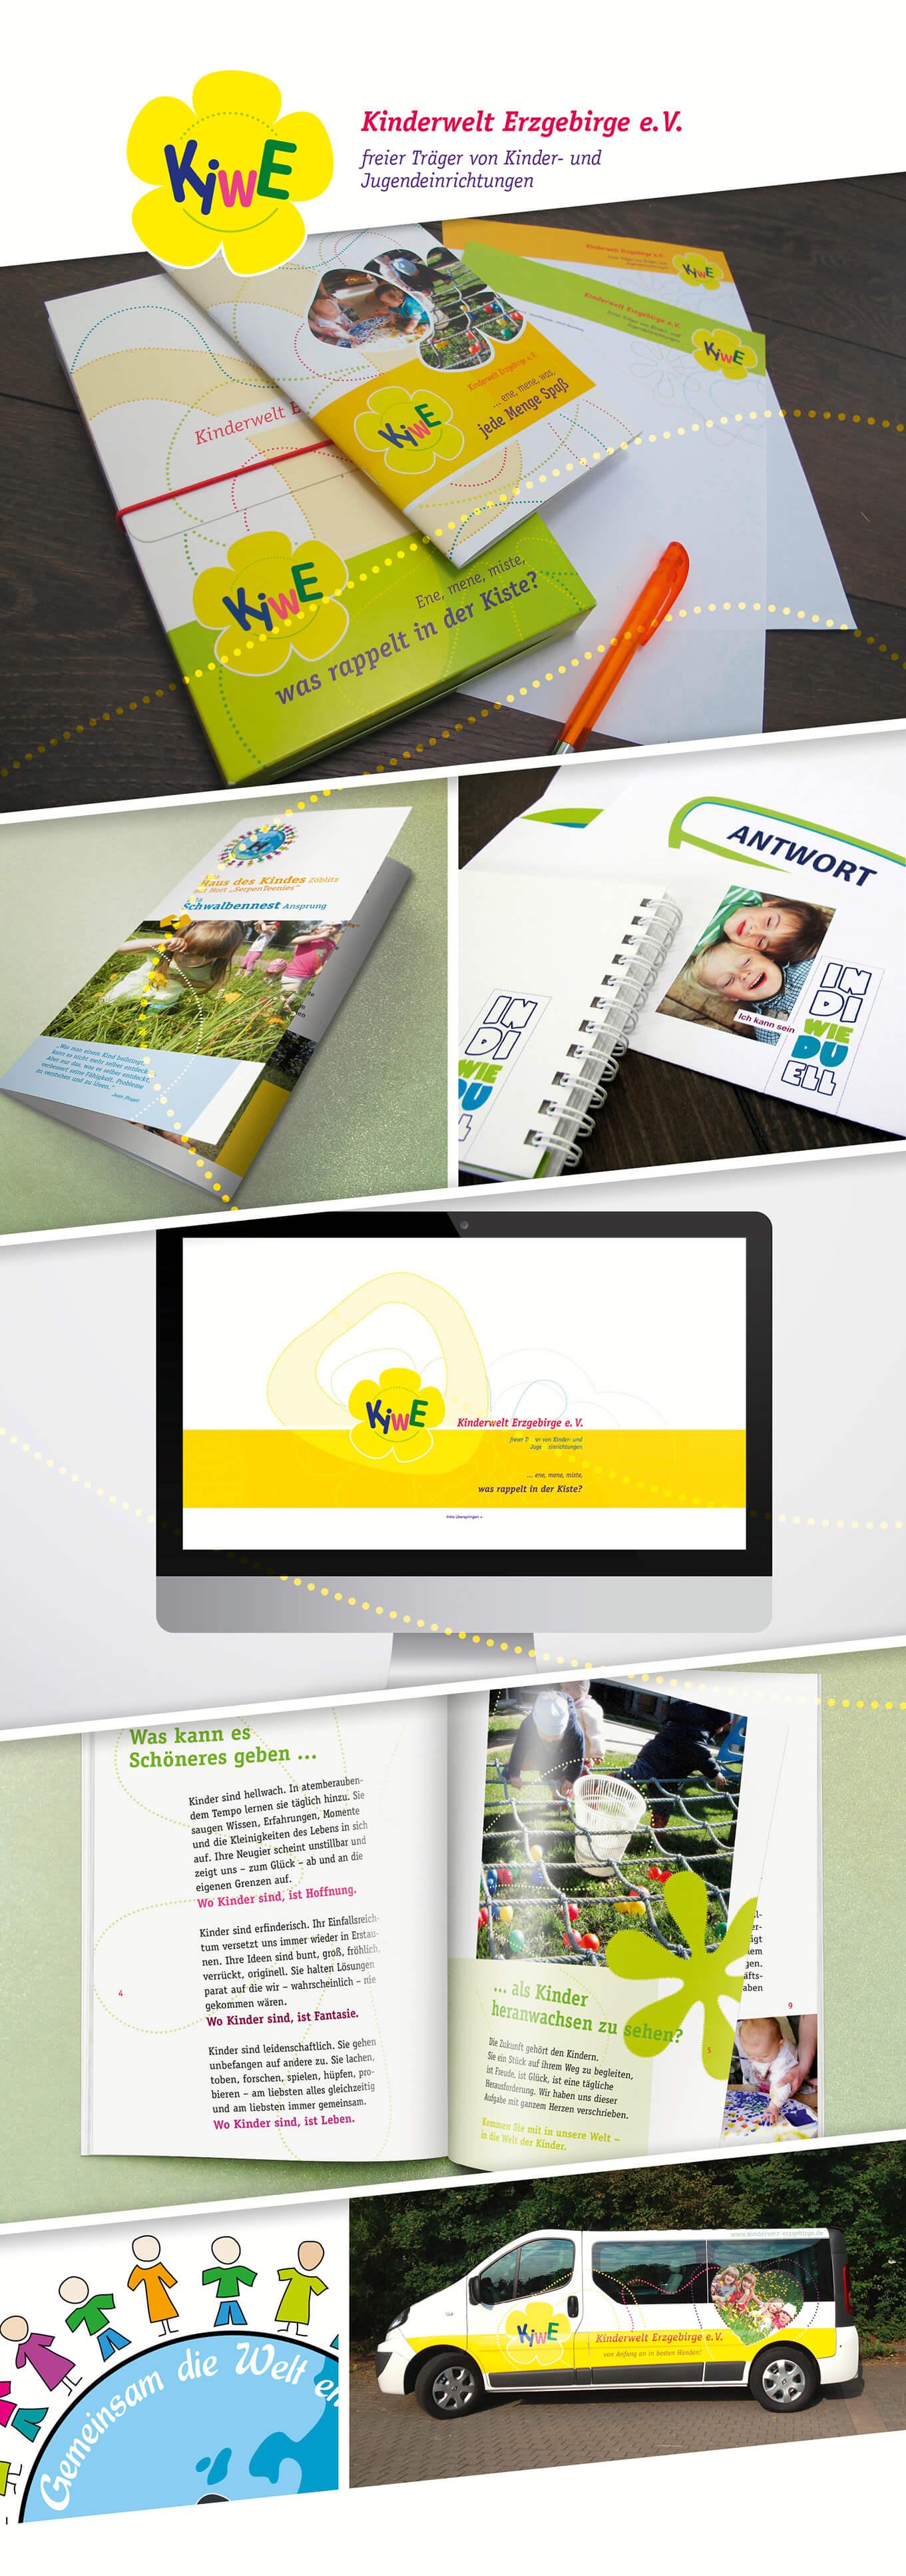 logoentwicklung_corporate_design_kinderwelt_erzgebirge